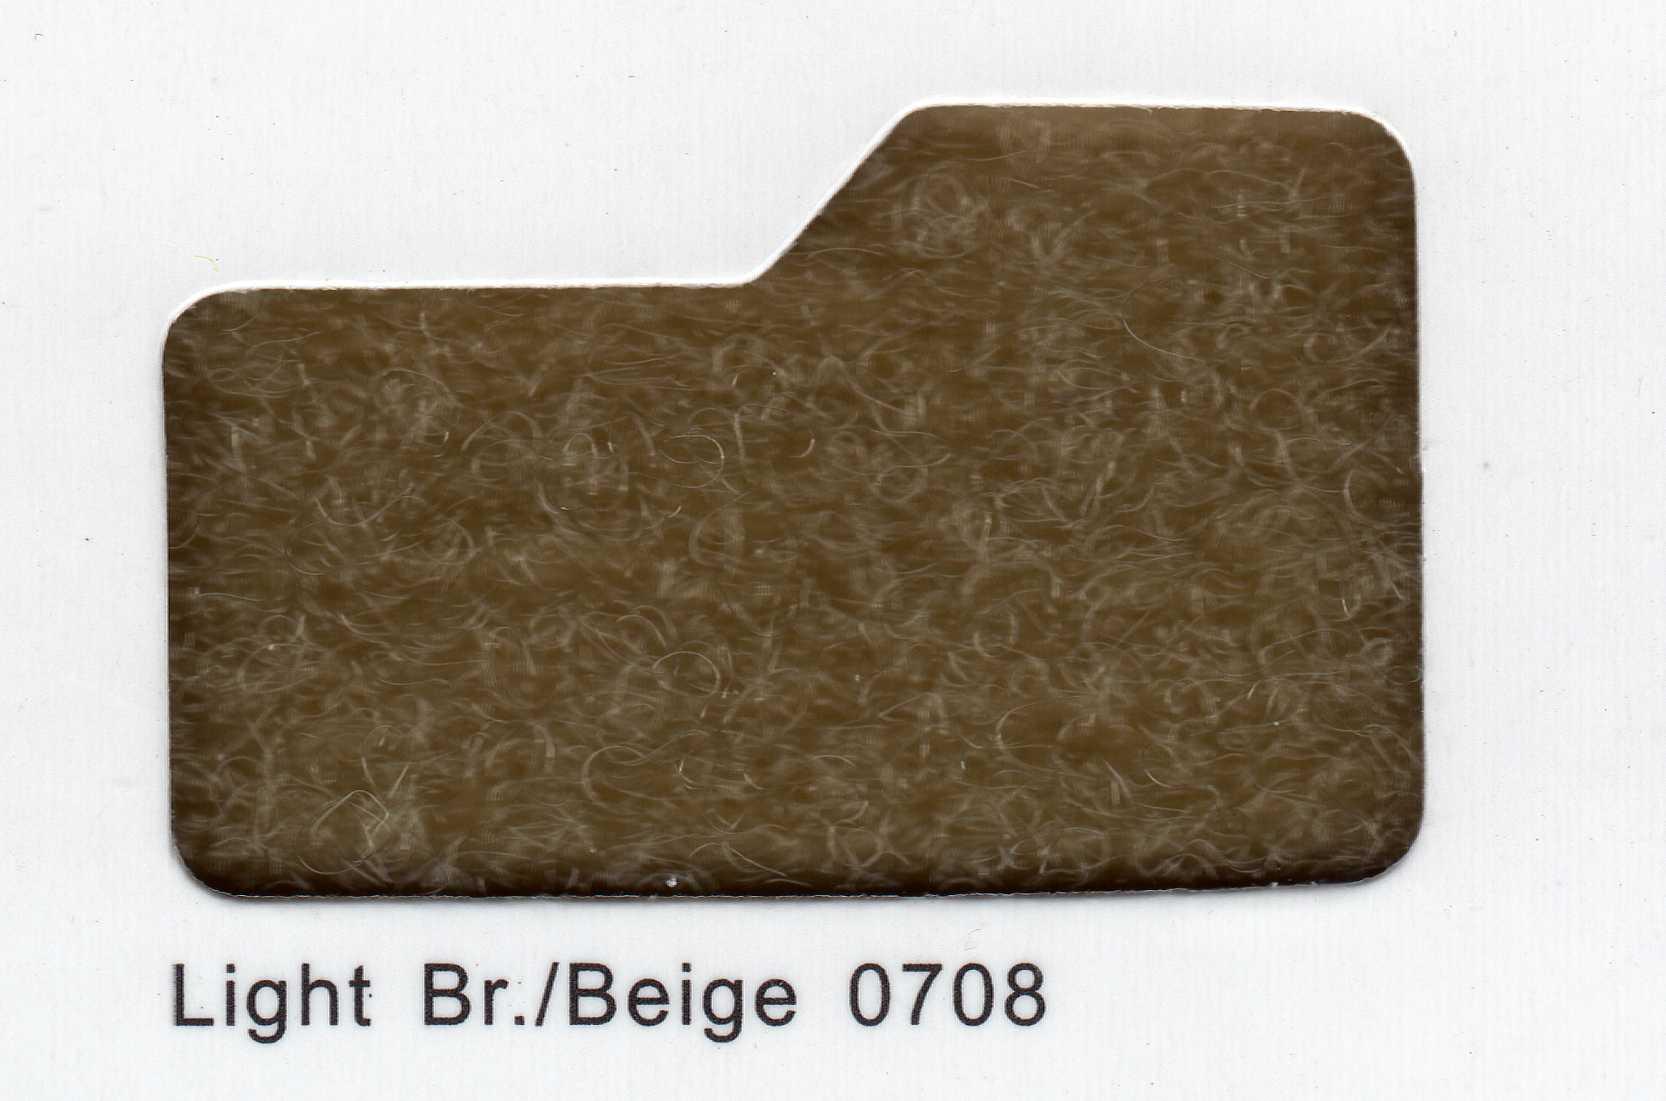 Cinta de cierre Velcro-Veraco 30mm Beige 0708 (Rizo).